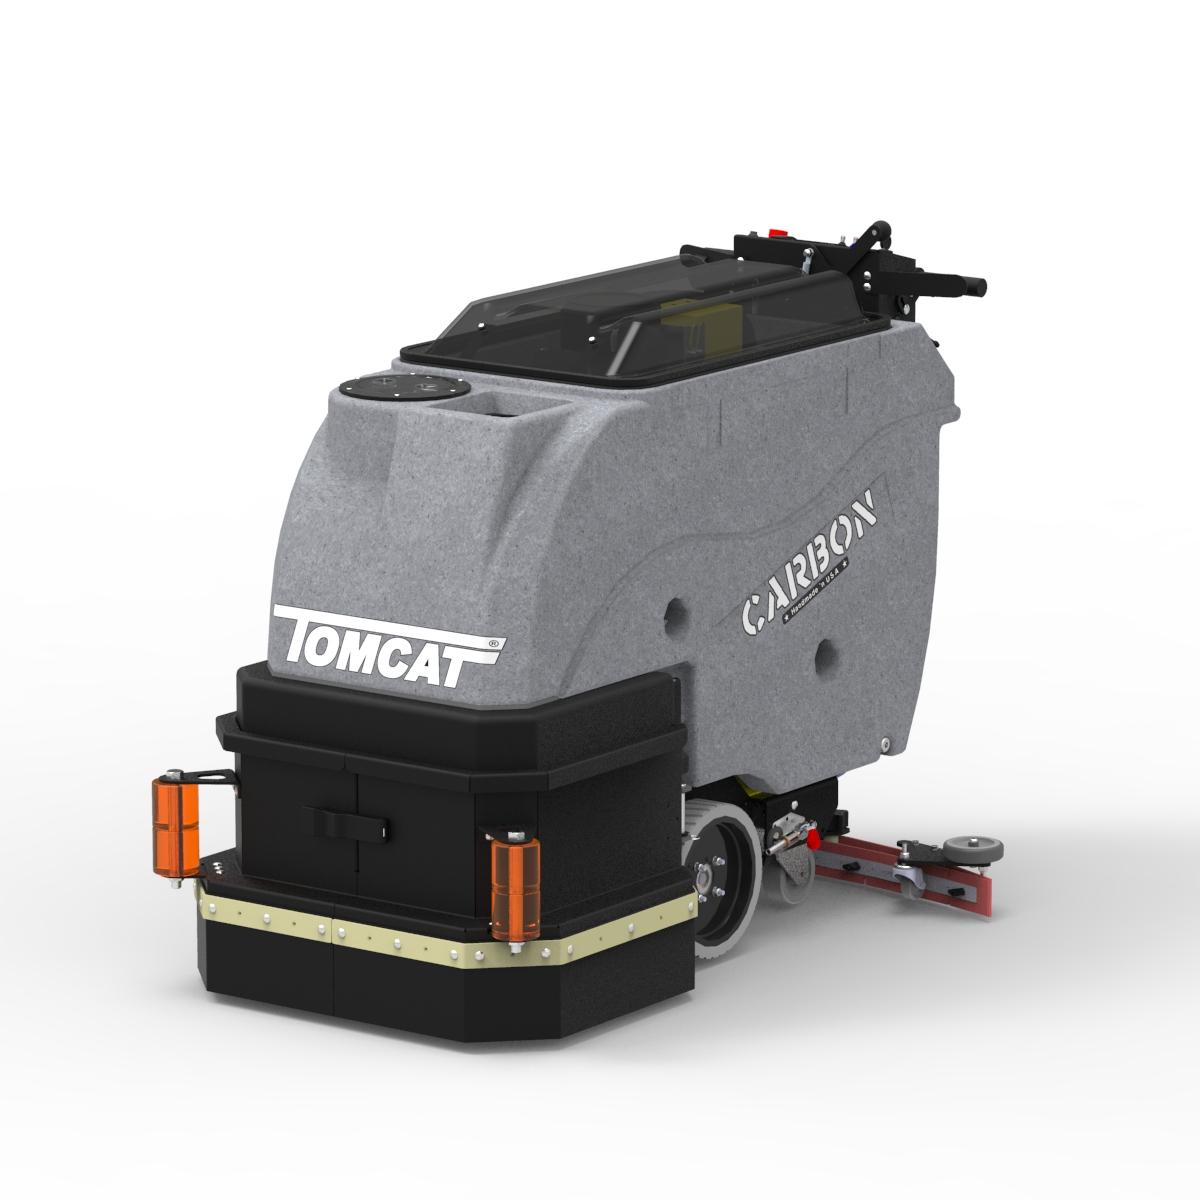 Tomcat Carbon 66cm. Dubbel disk